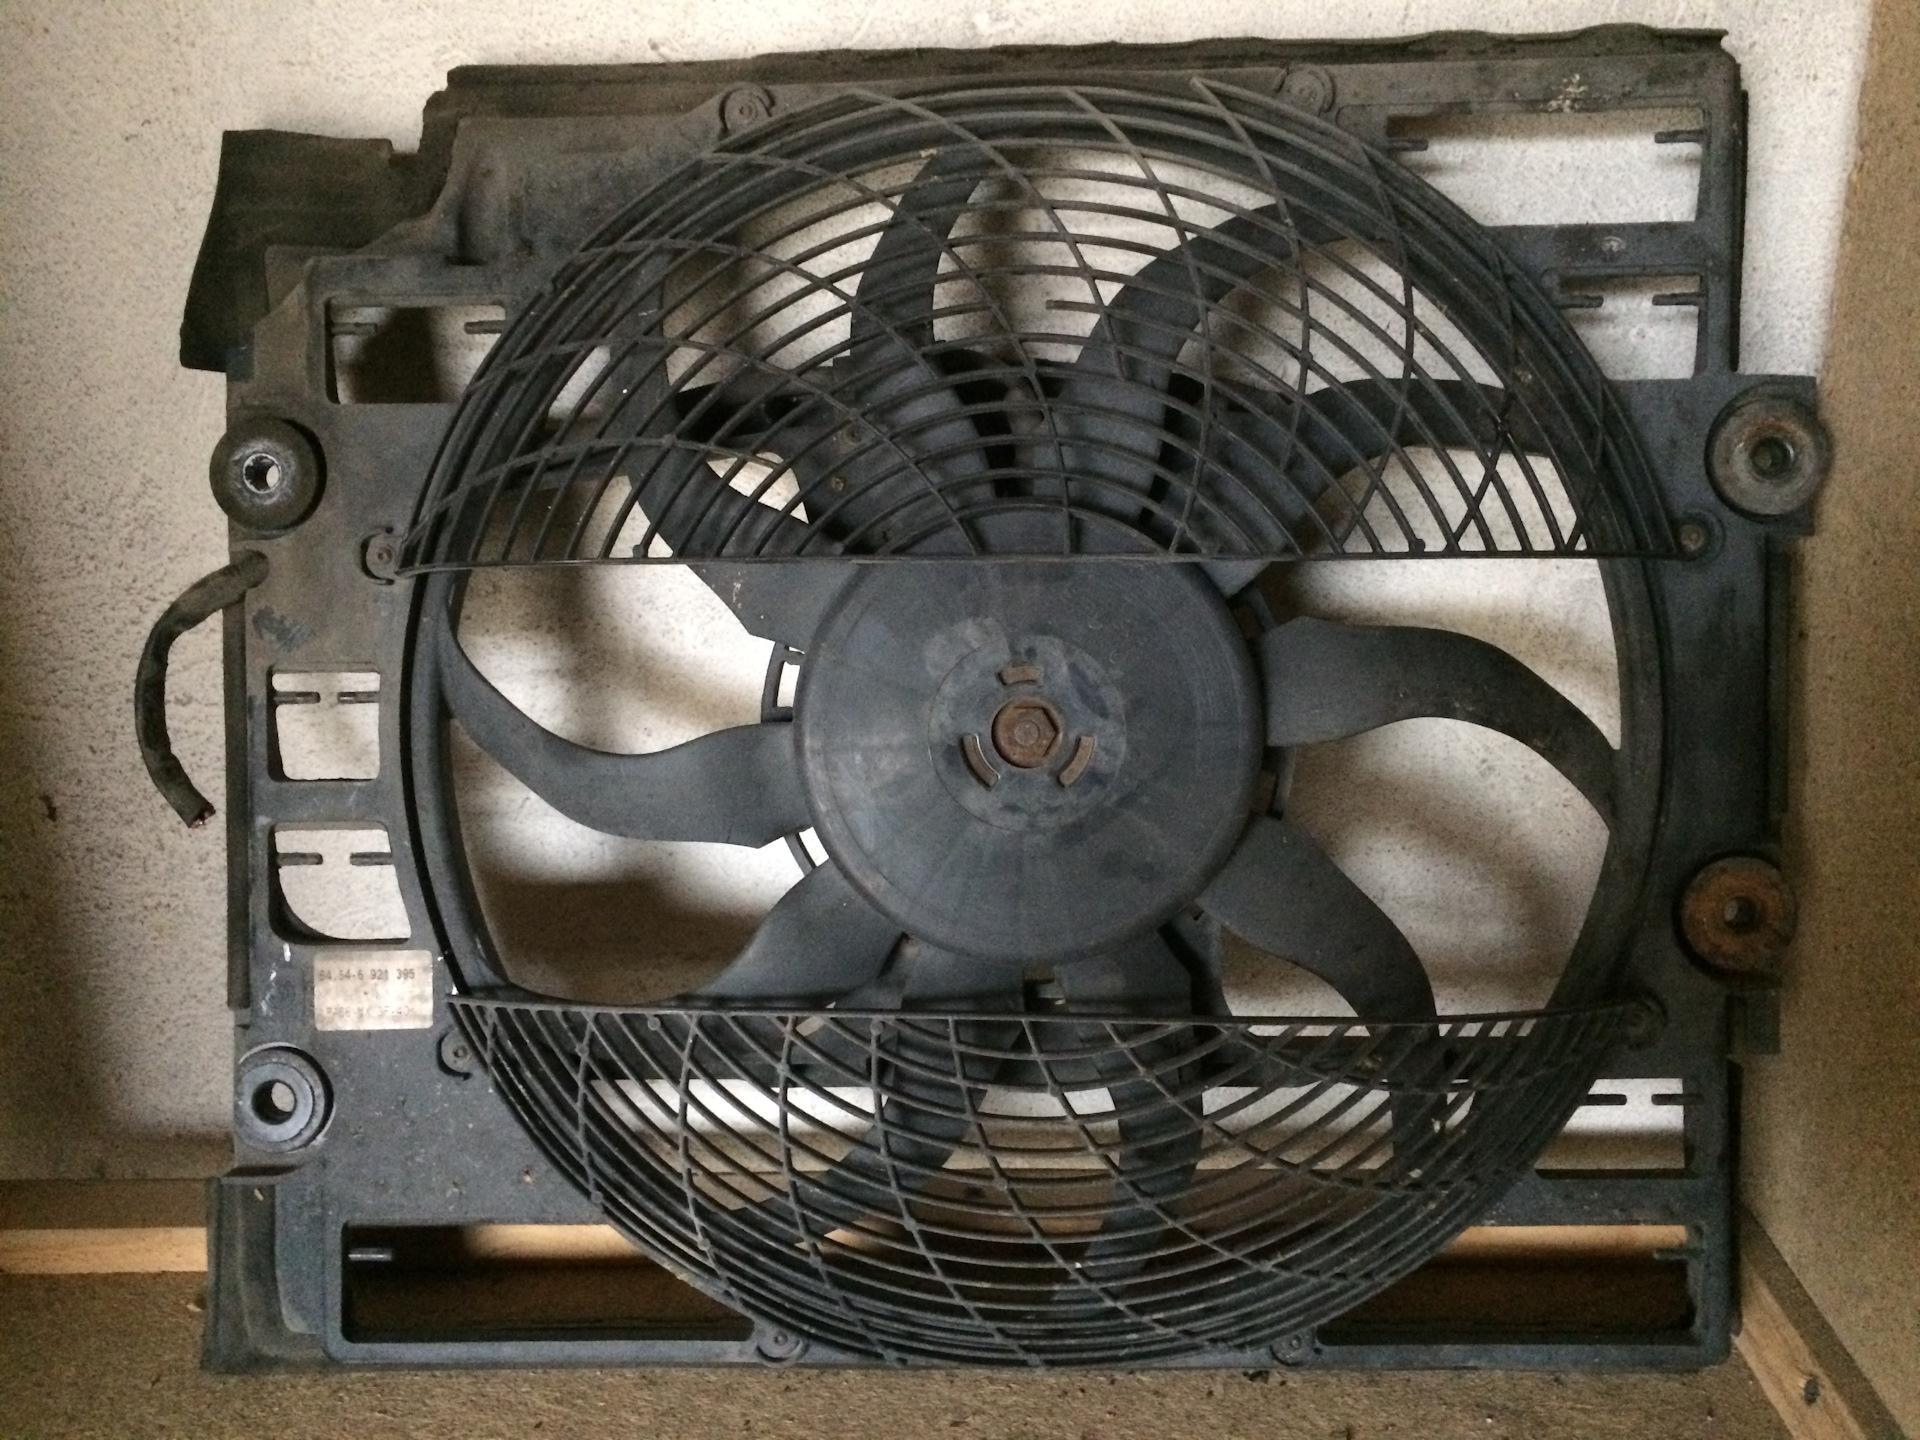 Как сделать так чтобы вентилятор крутился быстрее